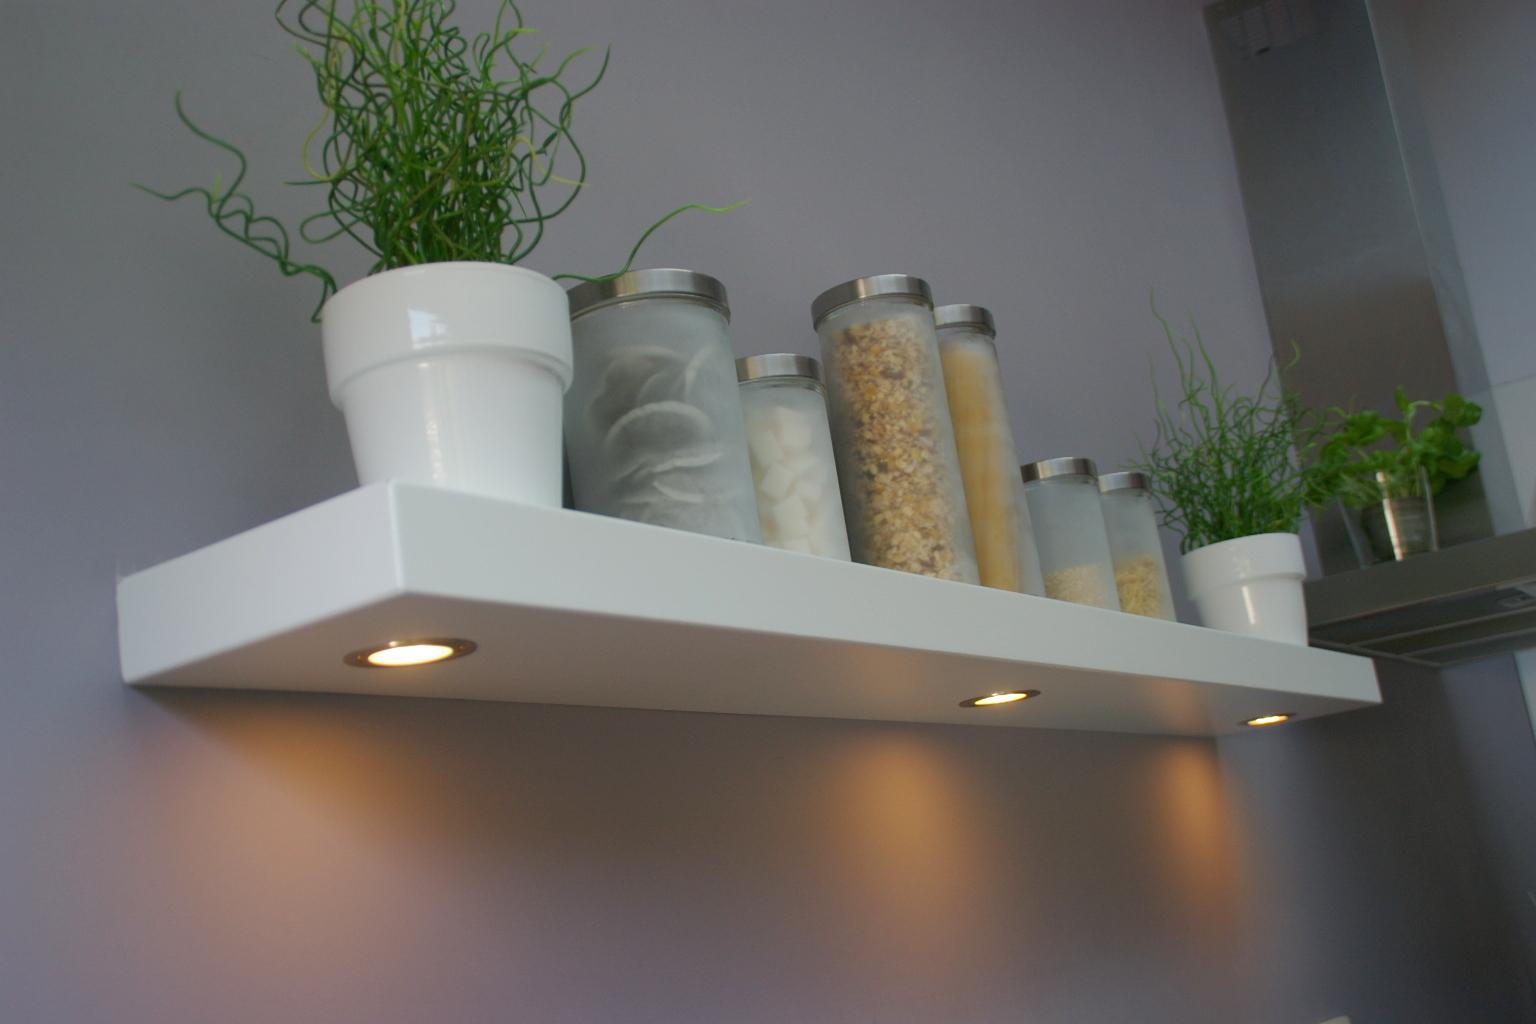 Ikea keuken verlichting